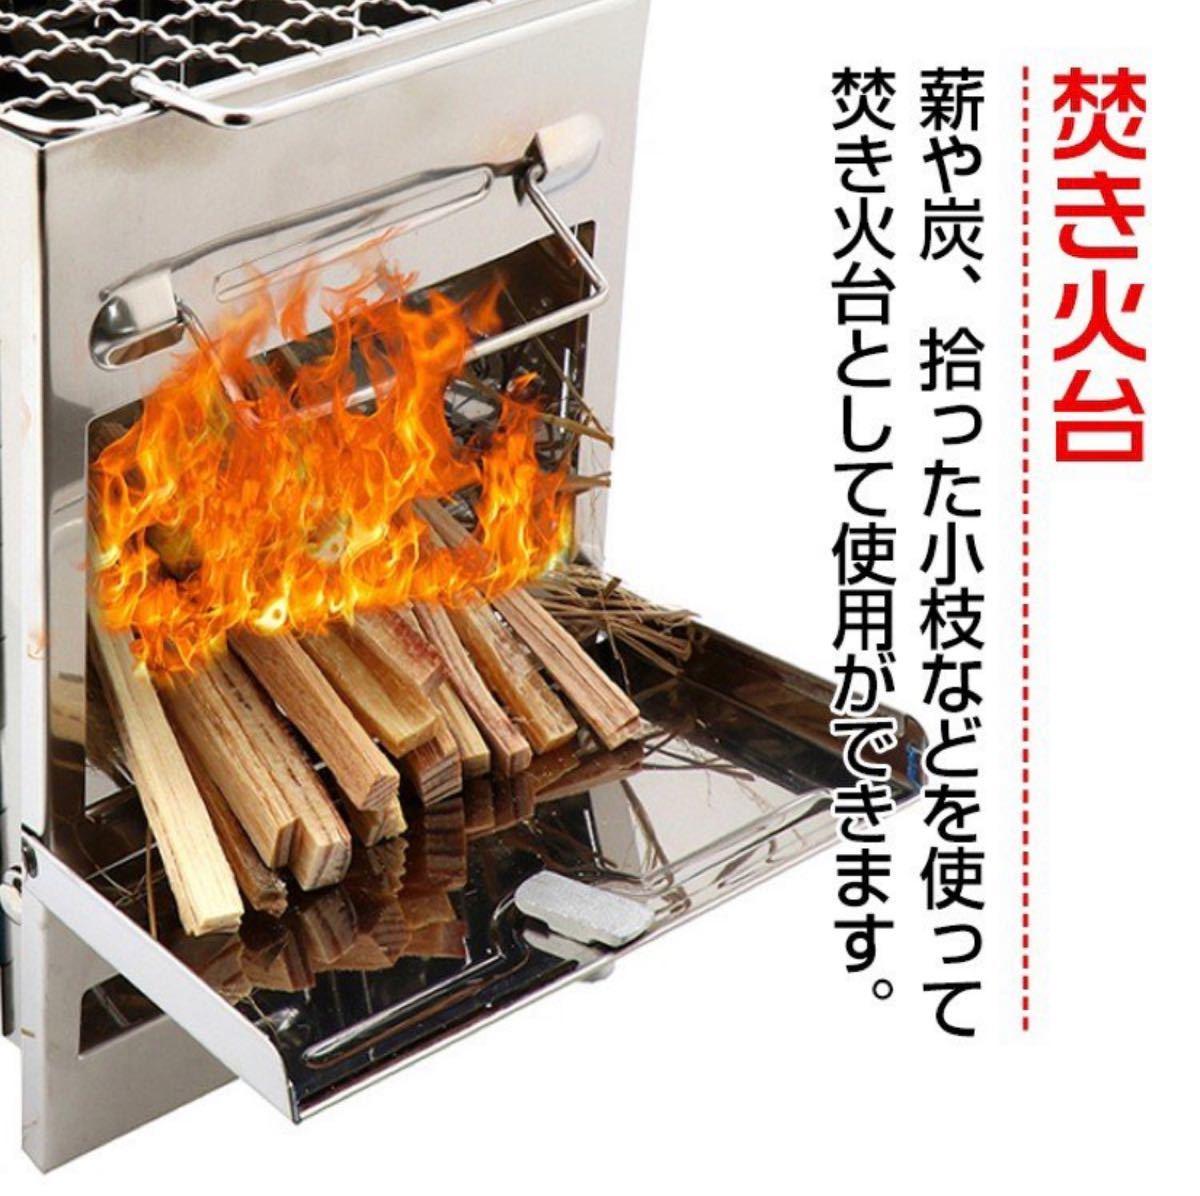 焚き火台 BBQコンロ ソロキャンプ